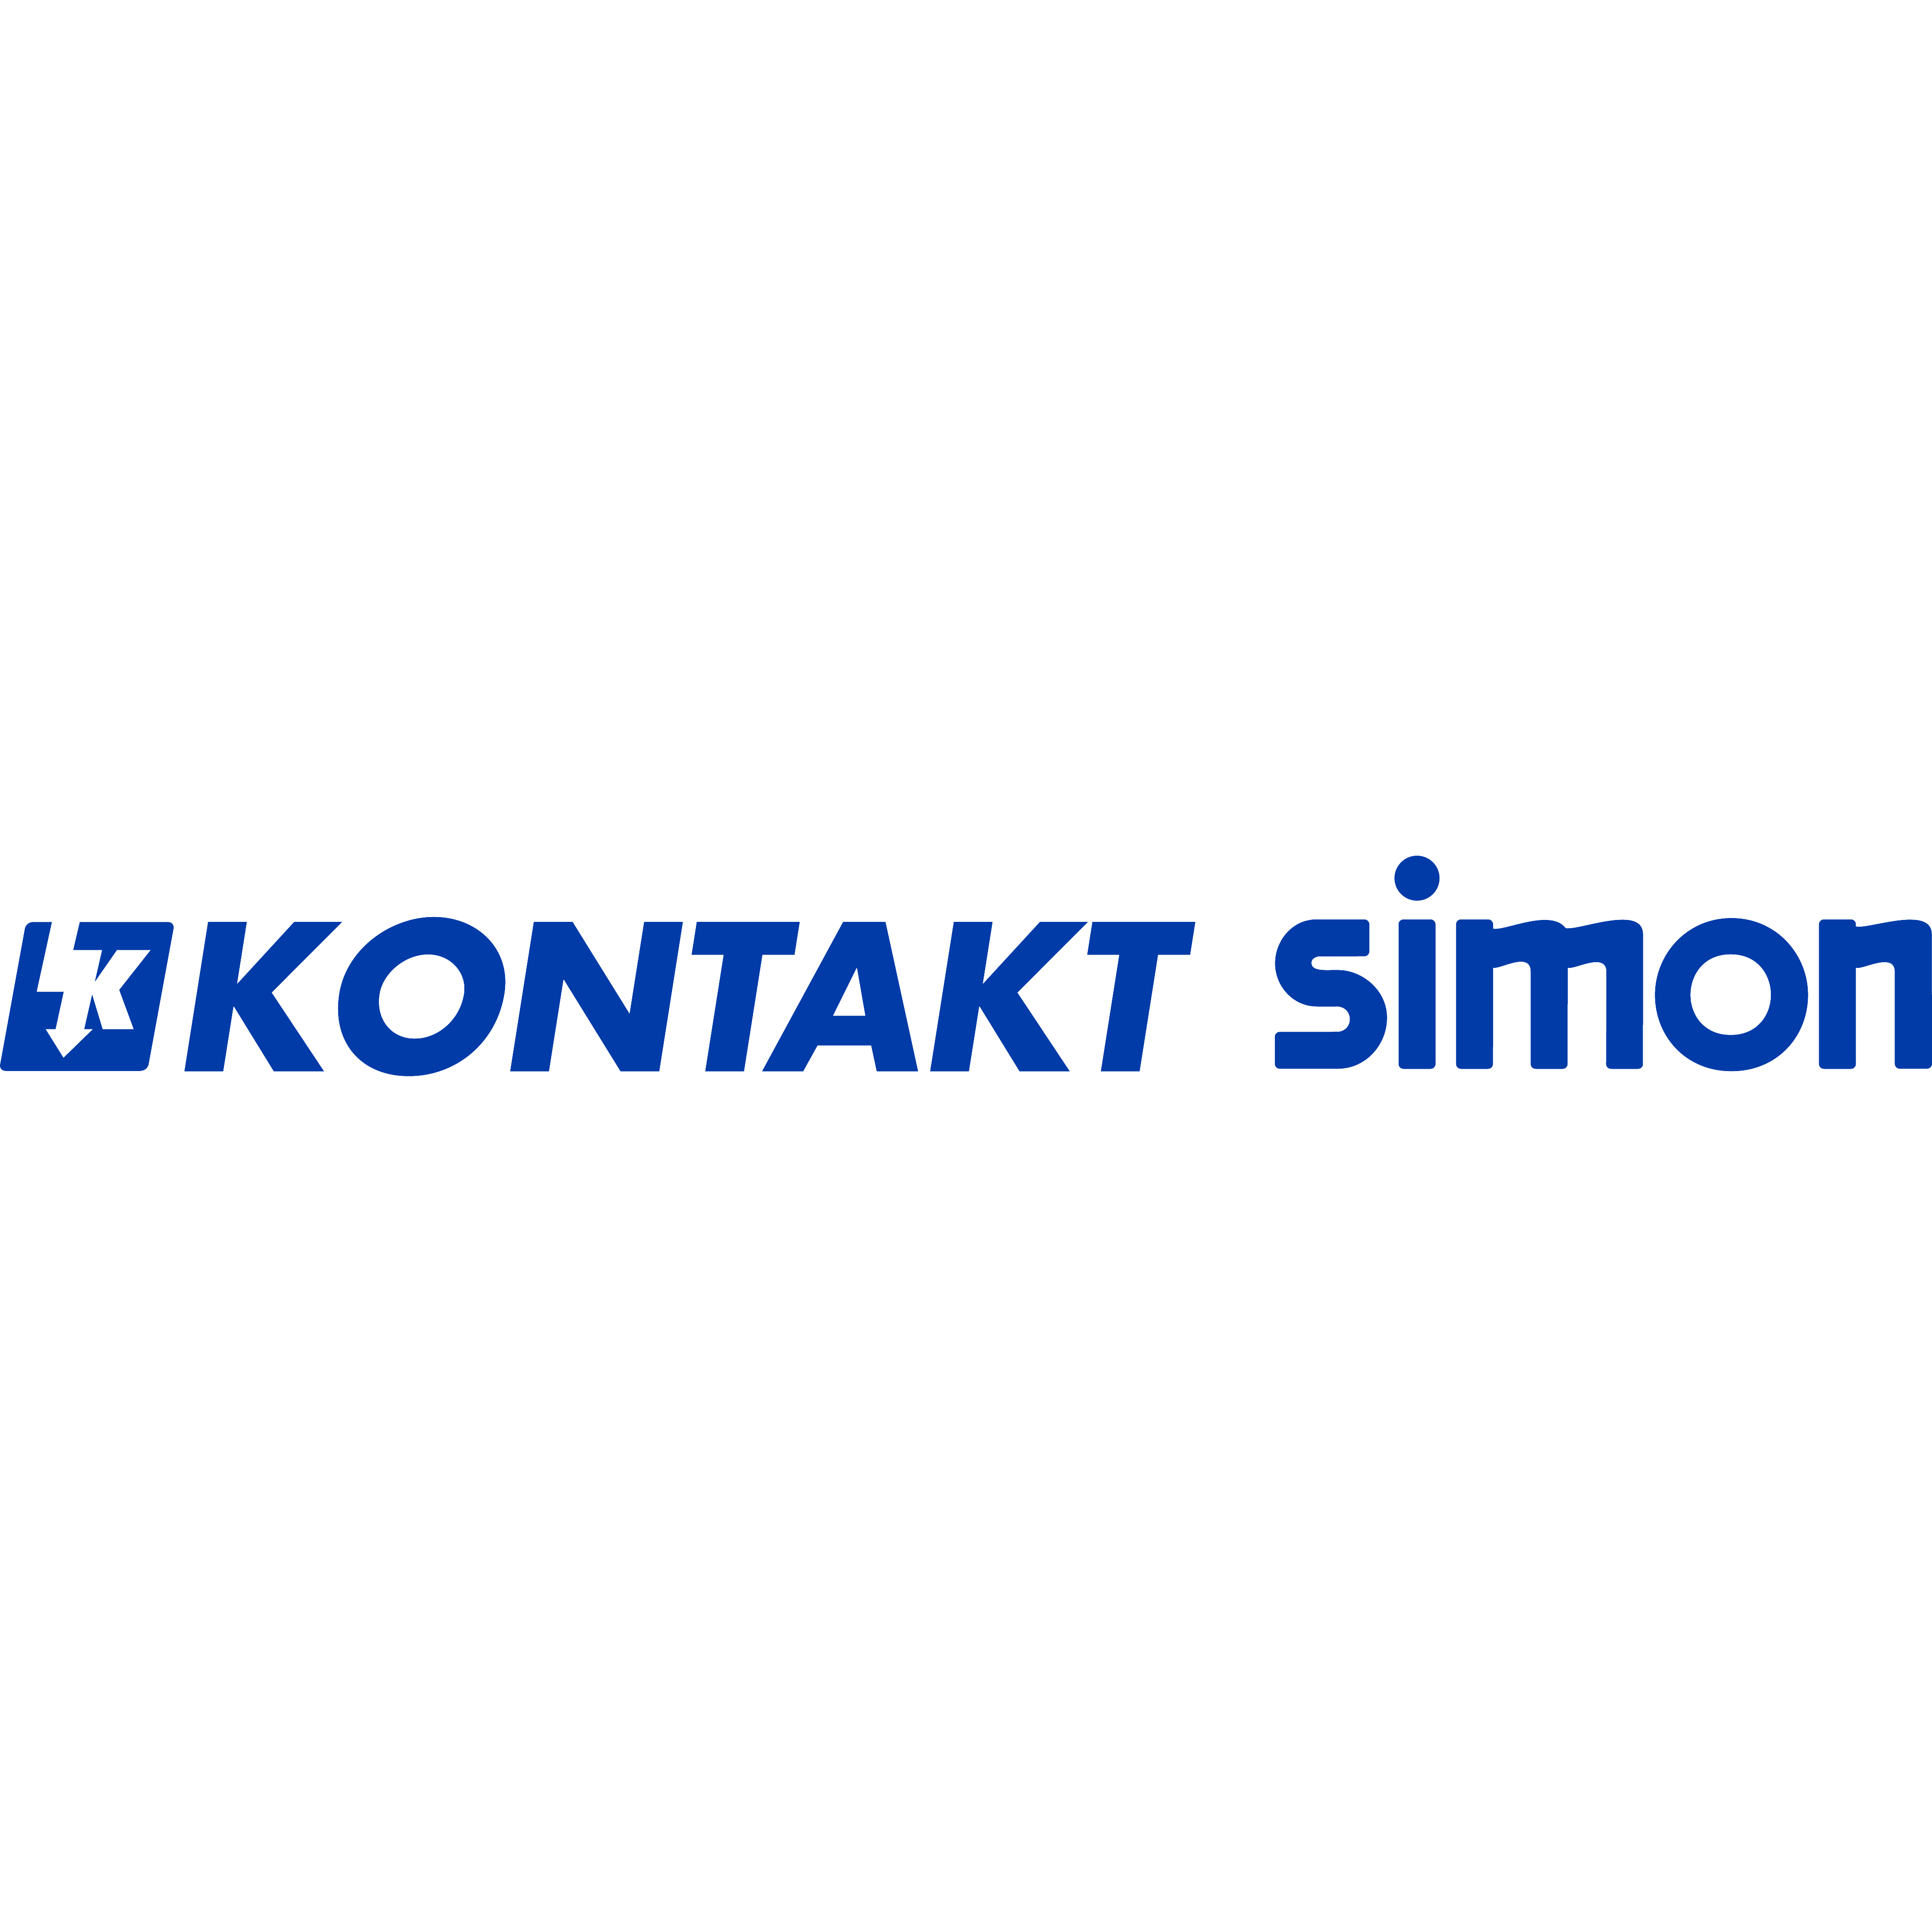 Logo Kontakt Simon